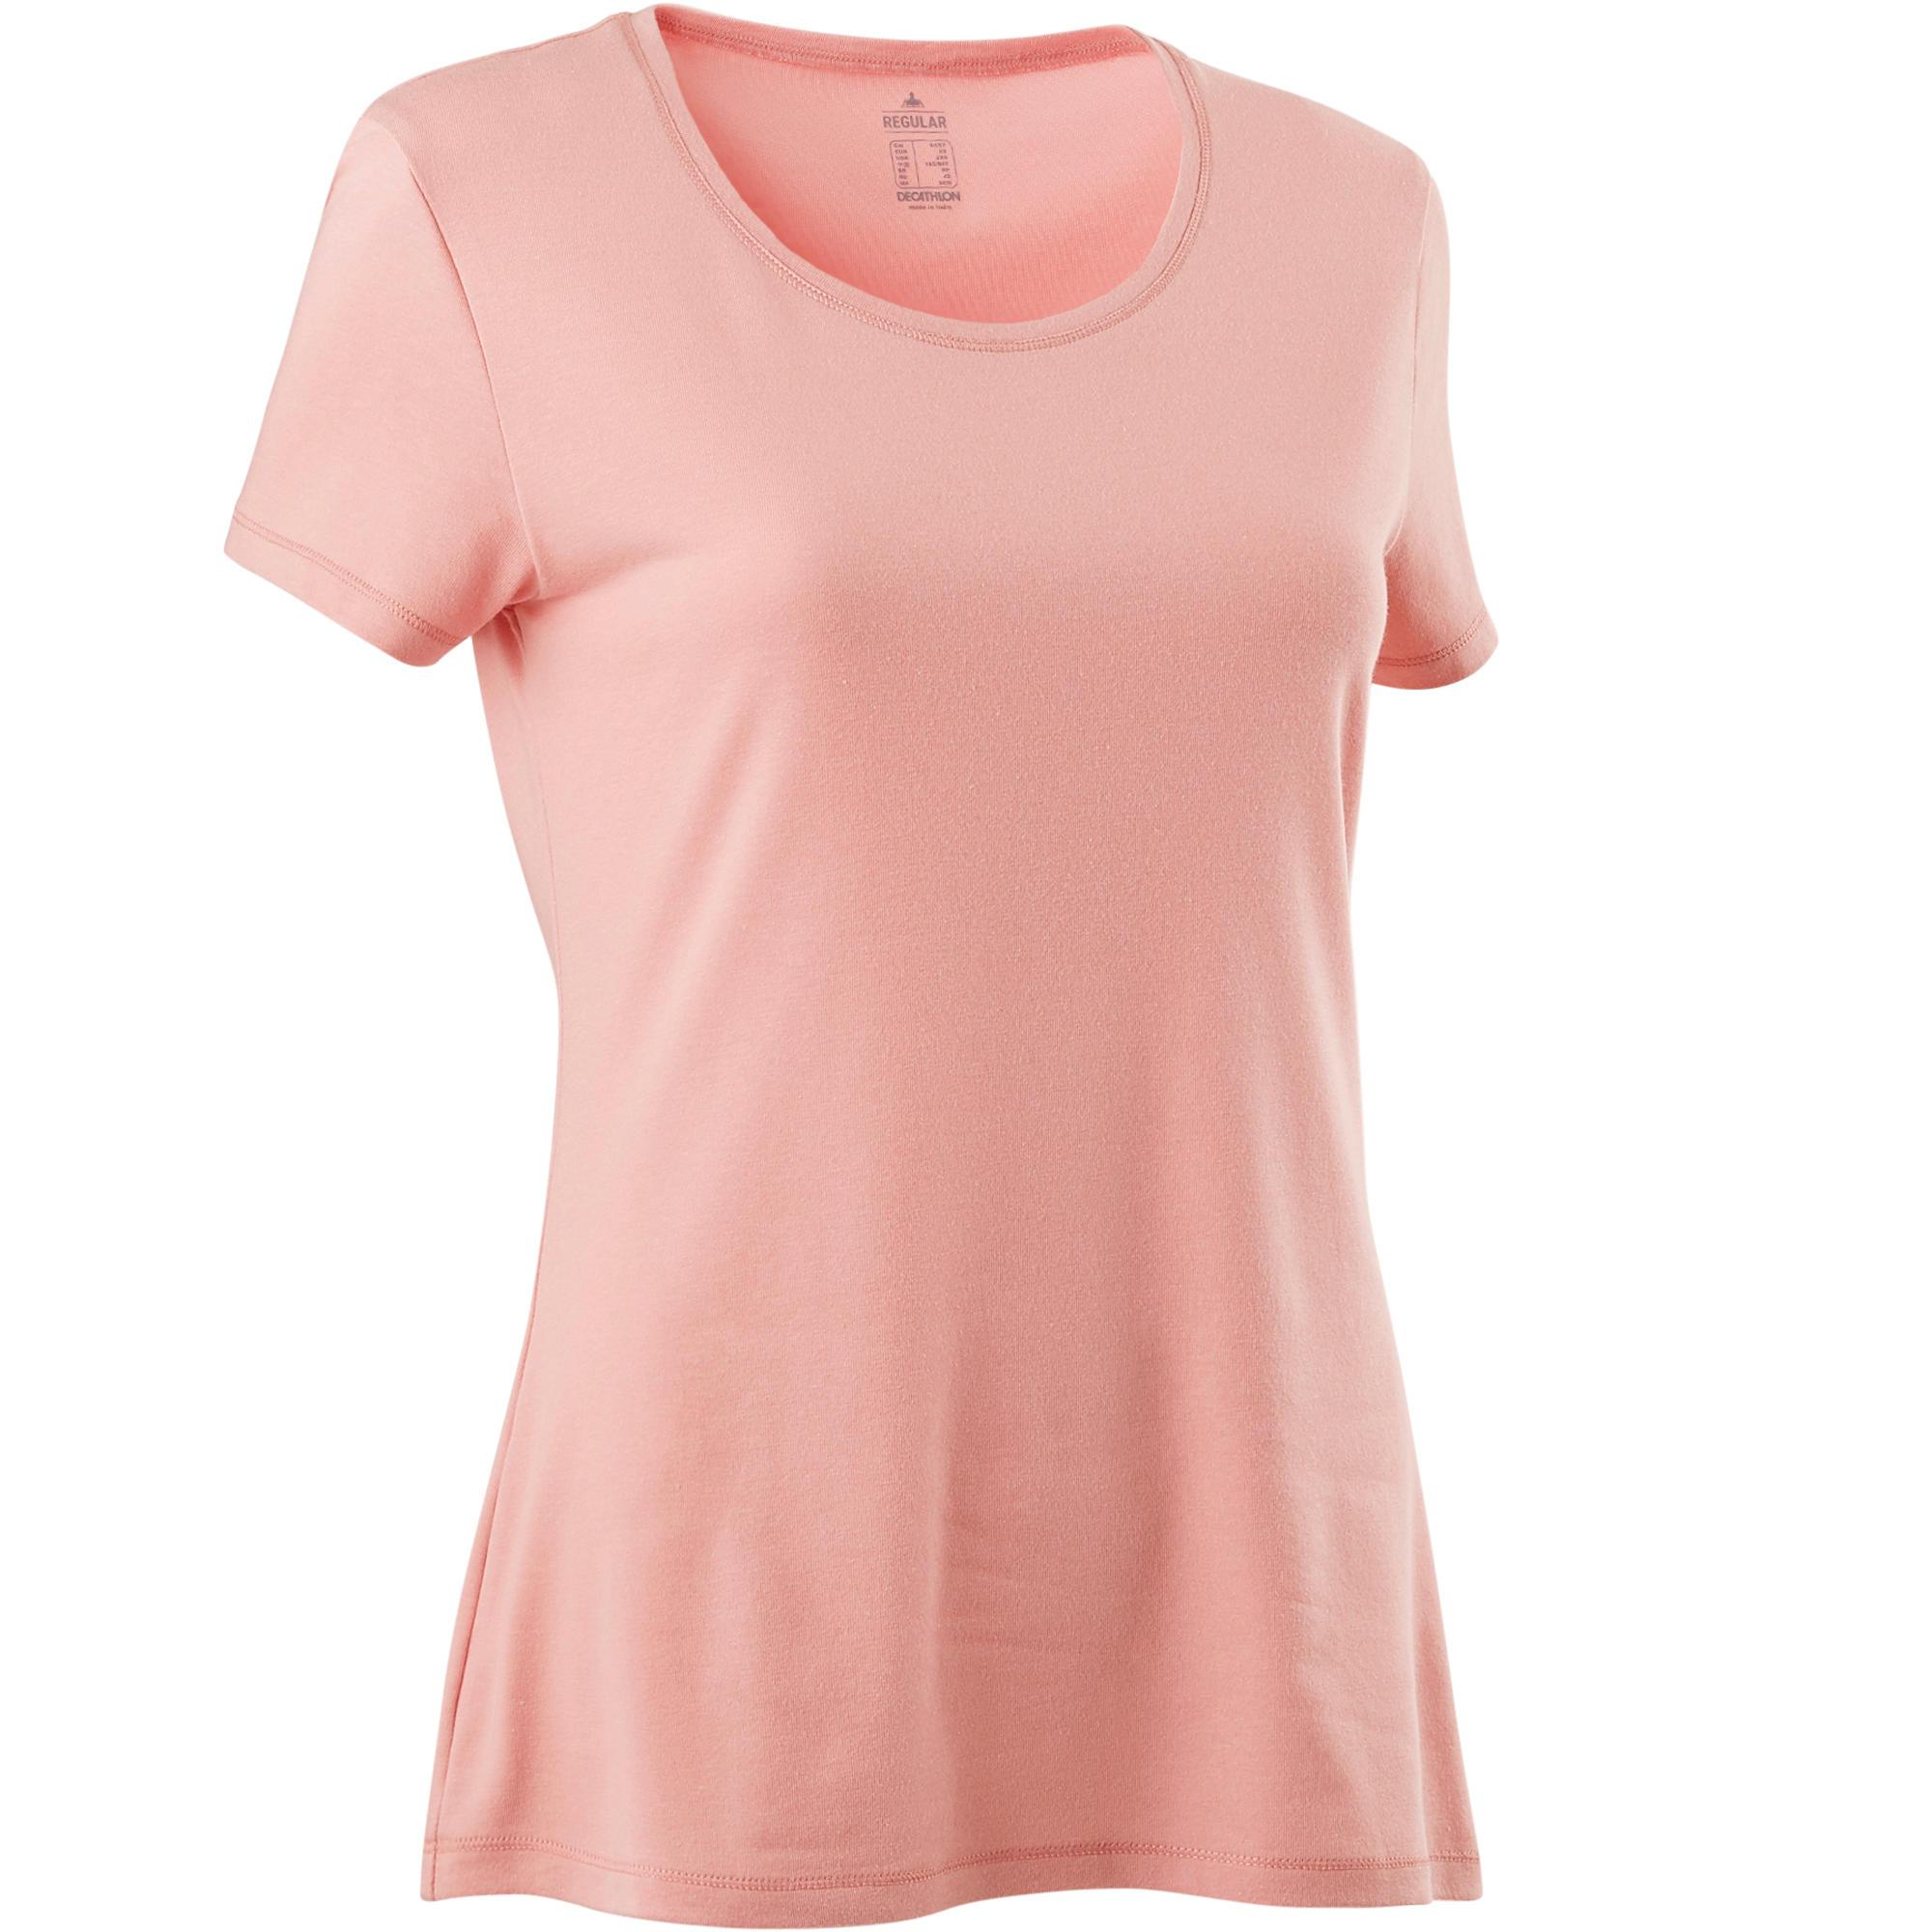 T shirt 500 regular pilates gym douce femme rose clair domyos